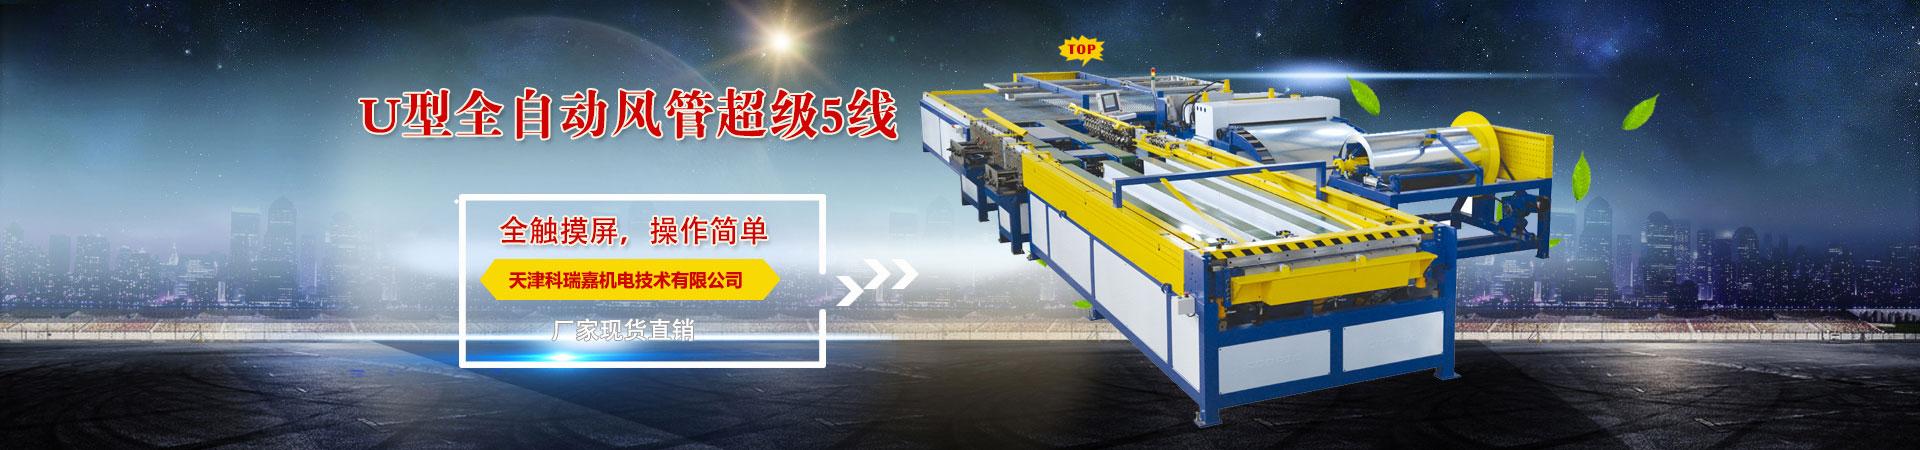 U型全自动风管超级5线